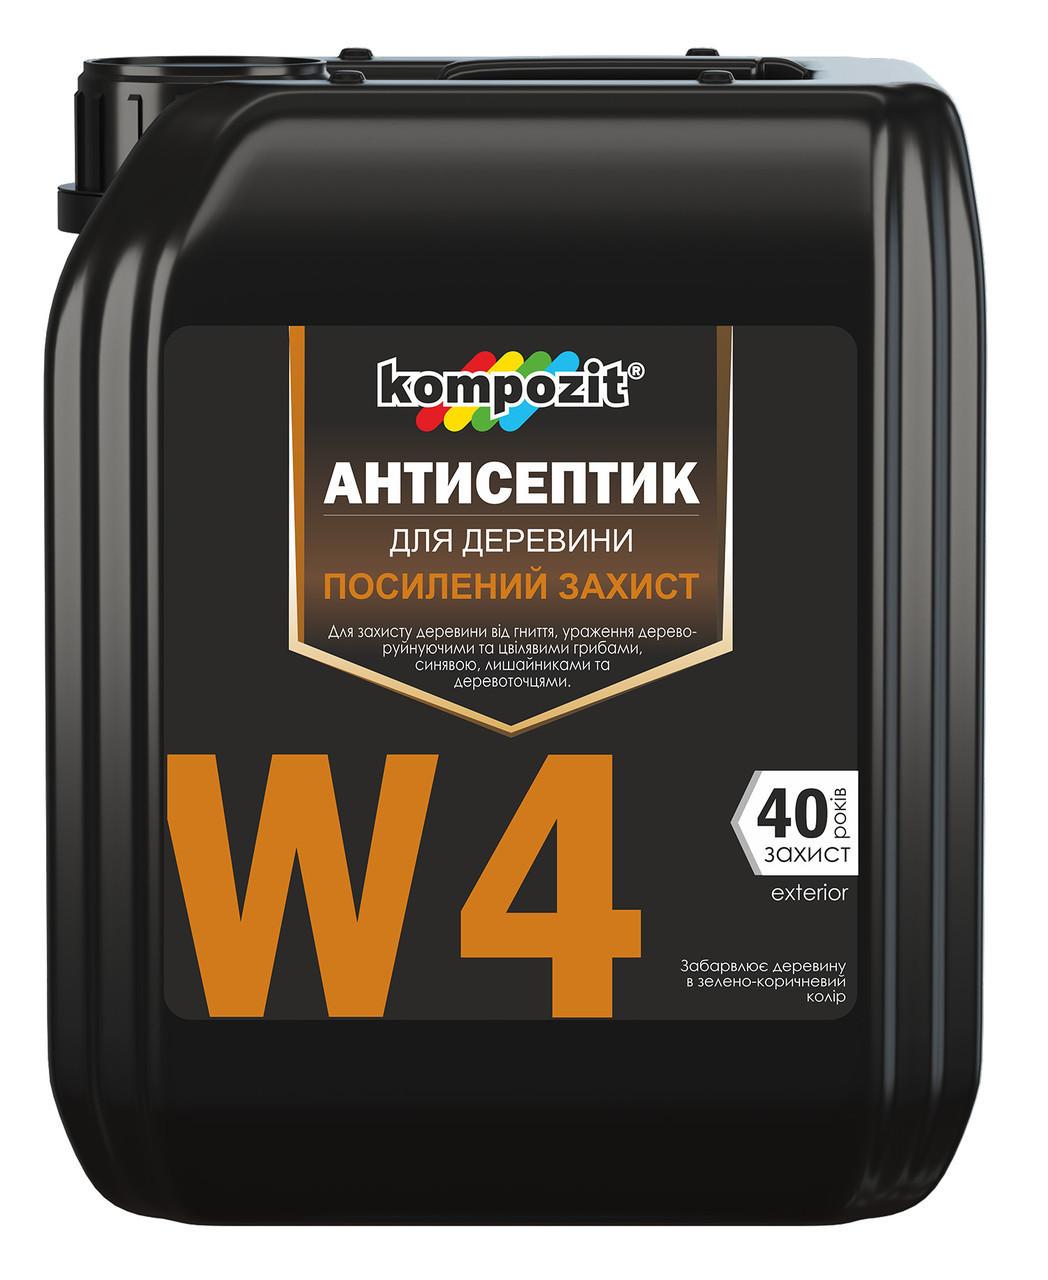 Антисептик для усиленной защиты Kompozit W4 (10 л)